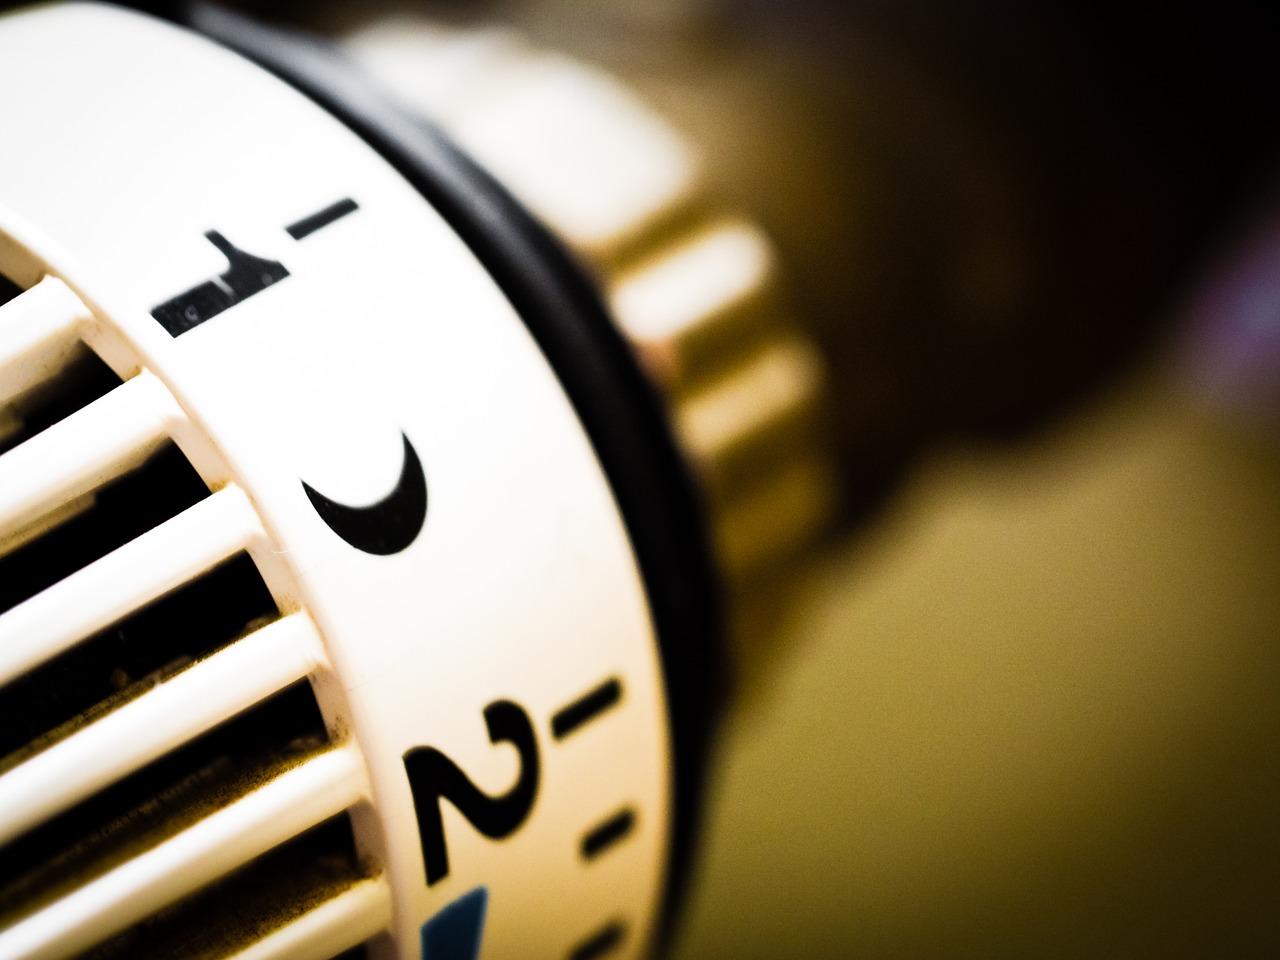 Chauffage électrique: une bonne idée? 1